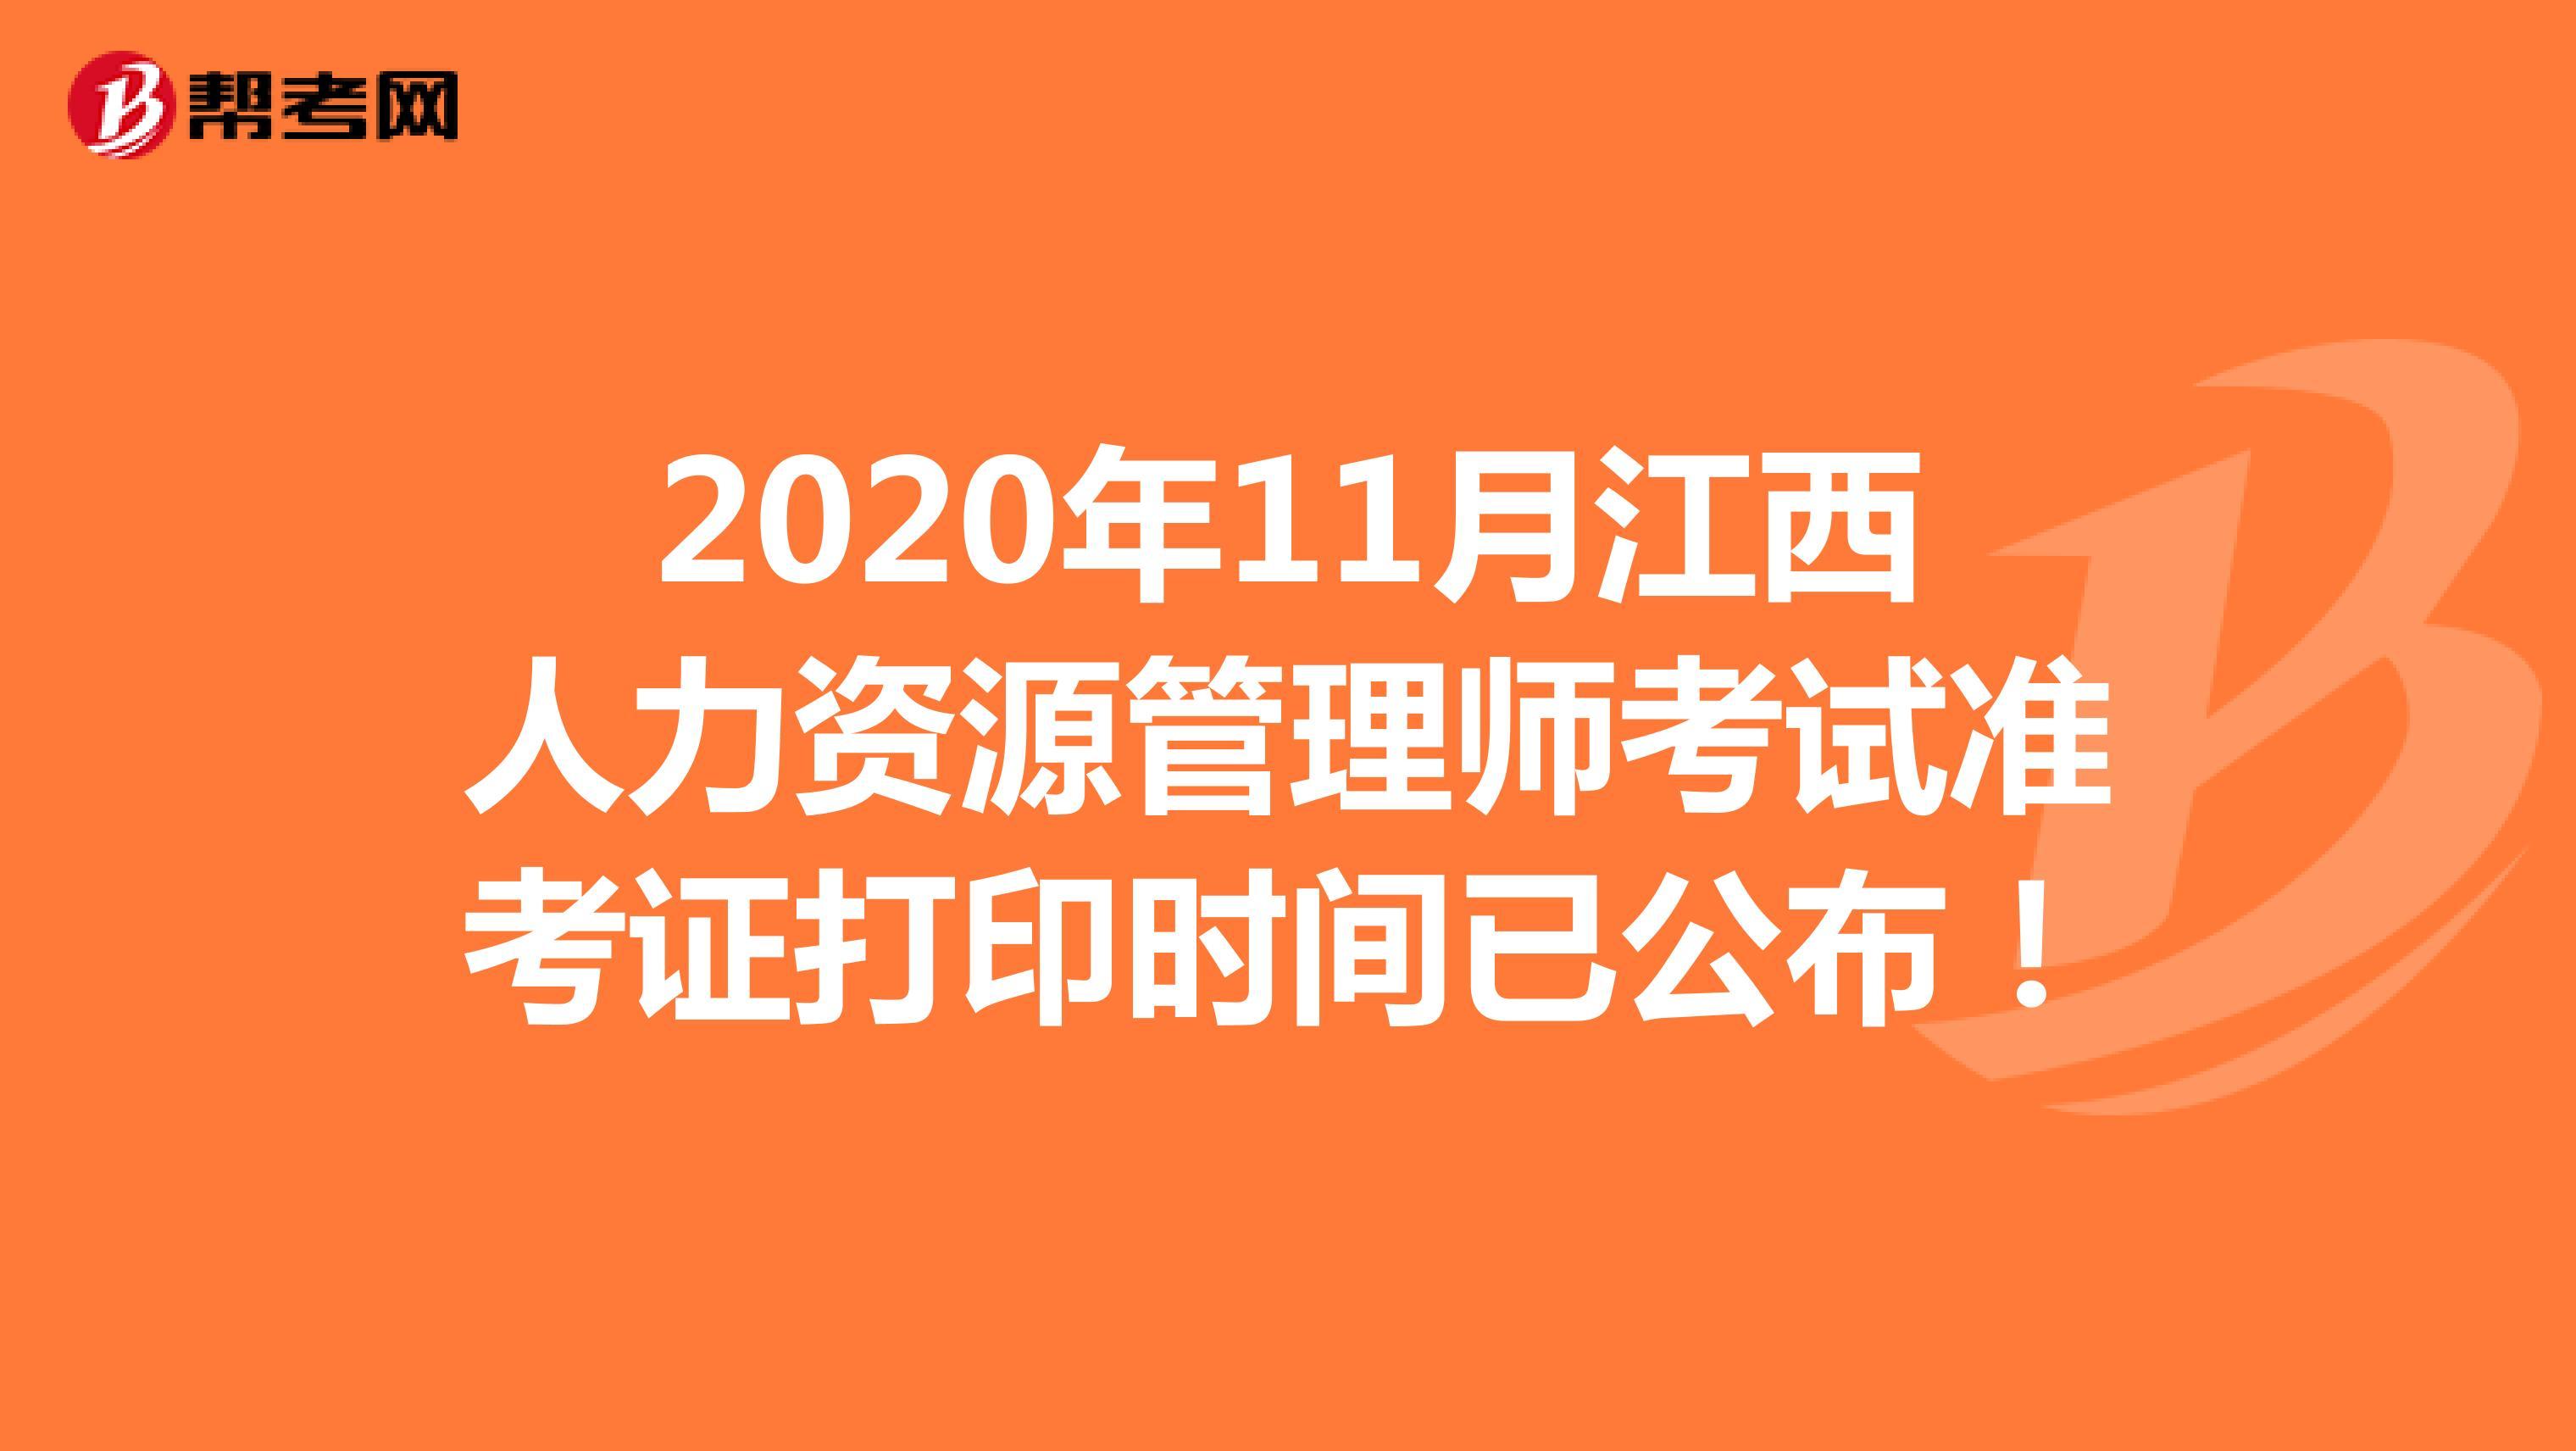 2020年11月江西人力资源管理师考试准考证打印时间已公布!